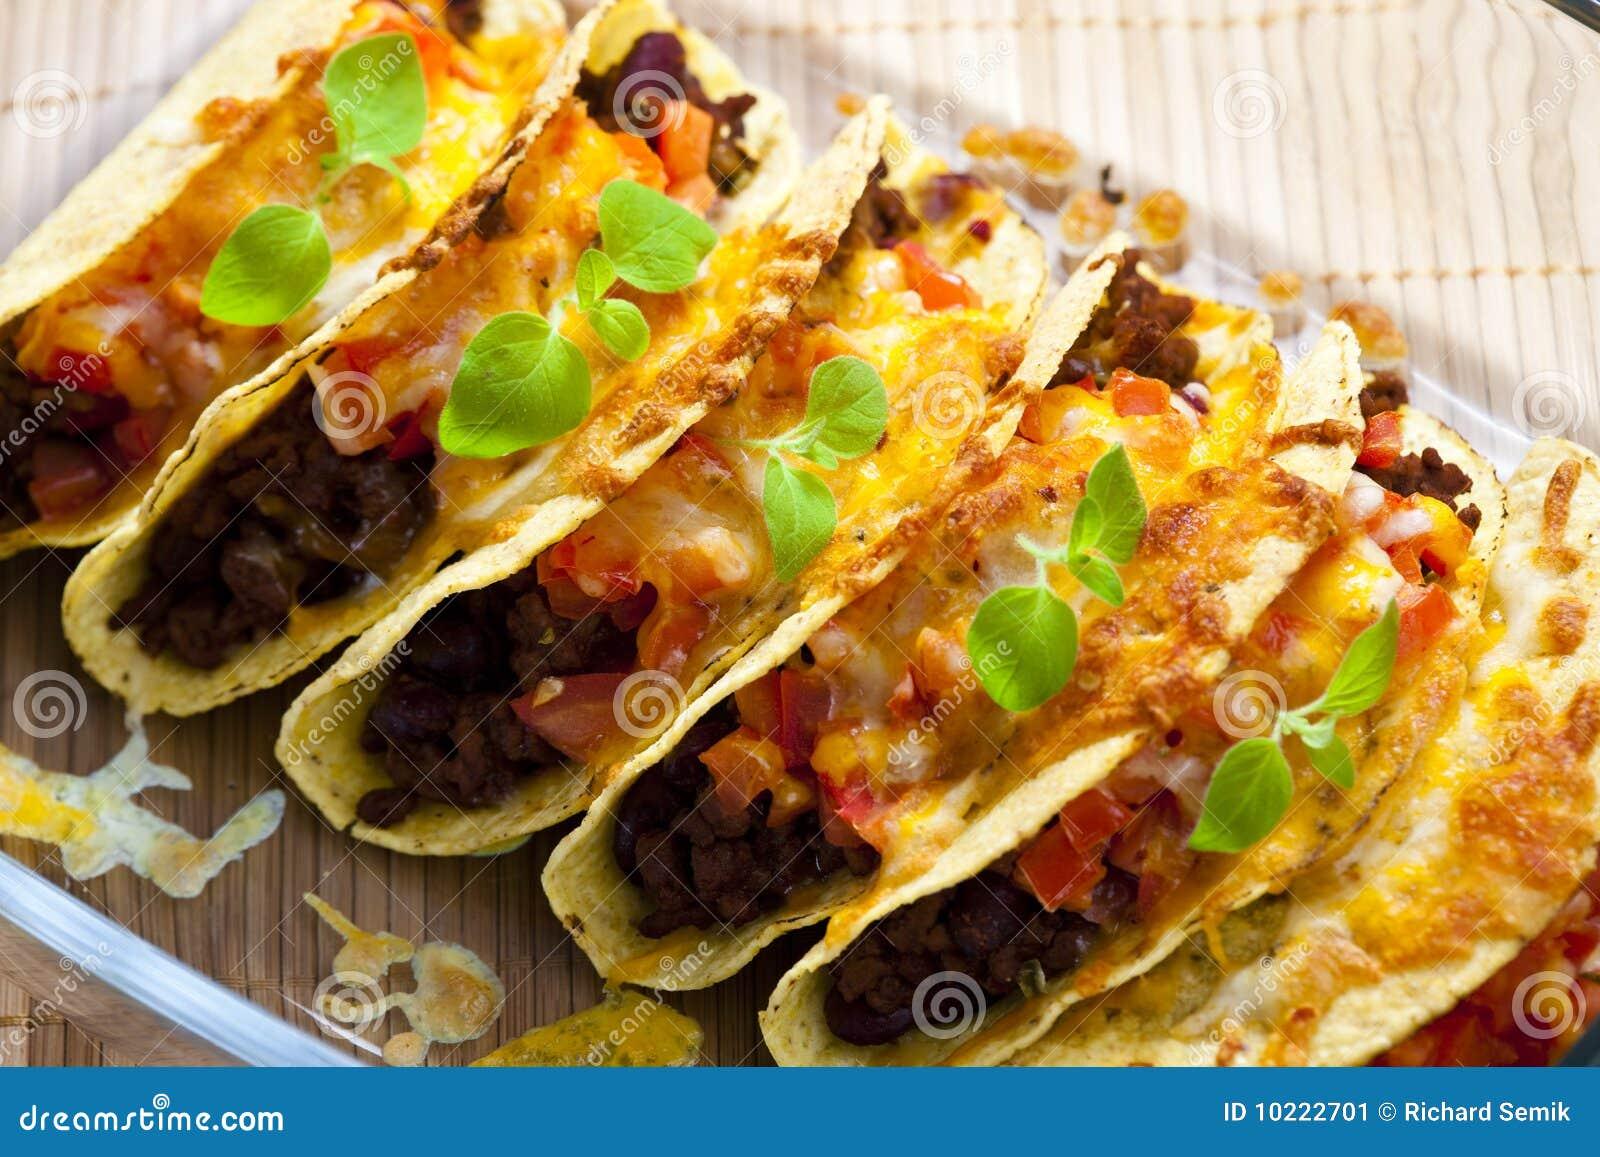 Tacos cuit au four